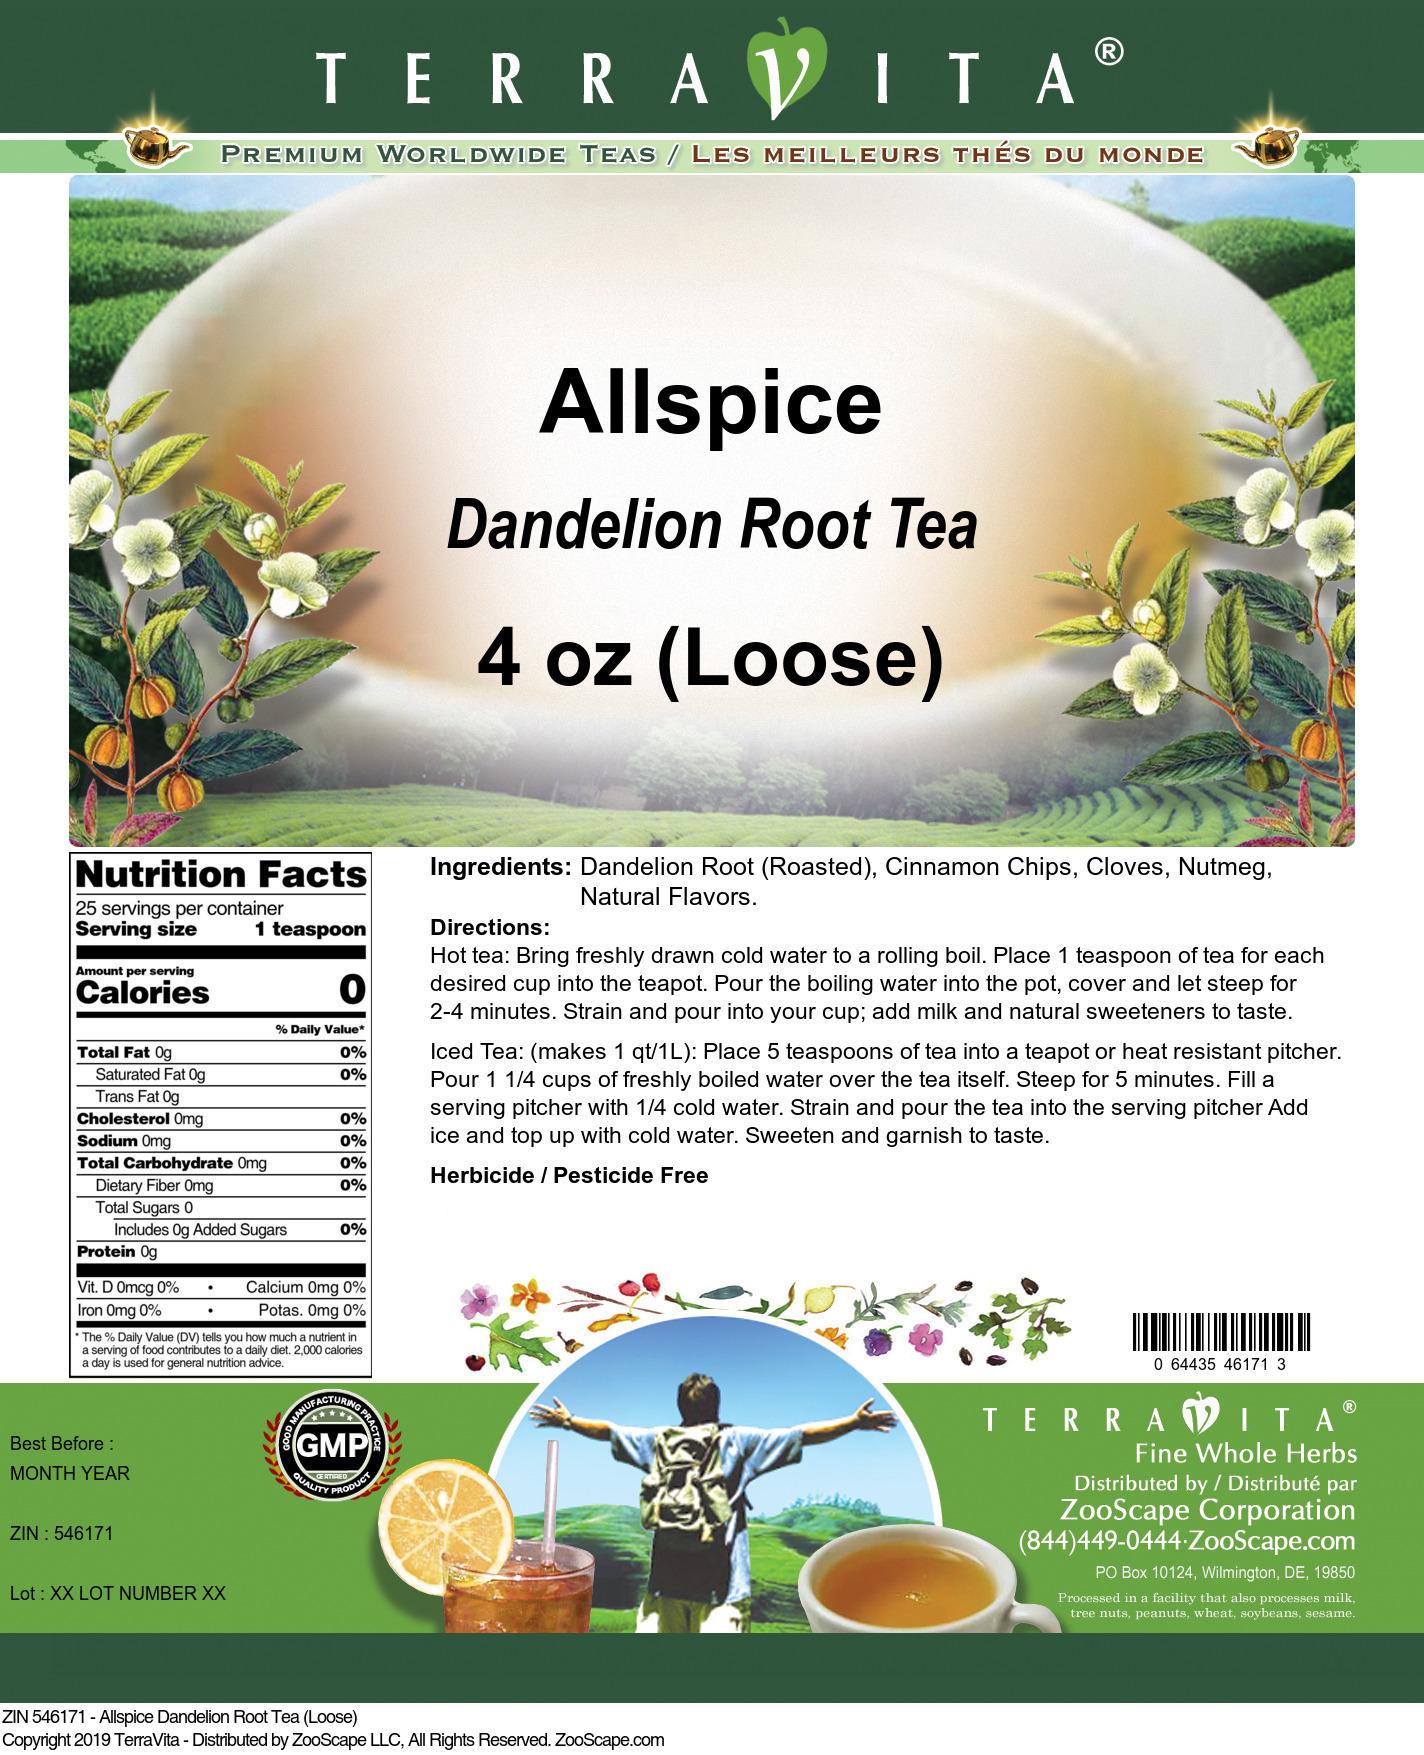 Allspice Dandelion Root